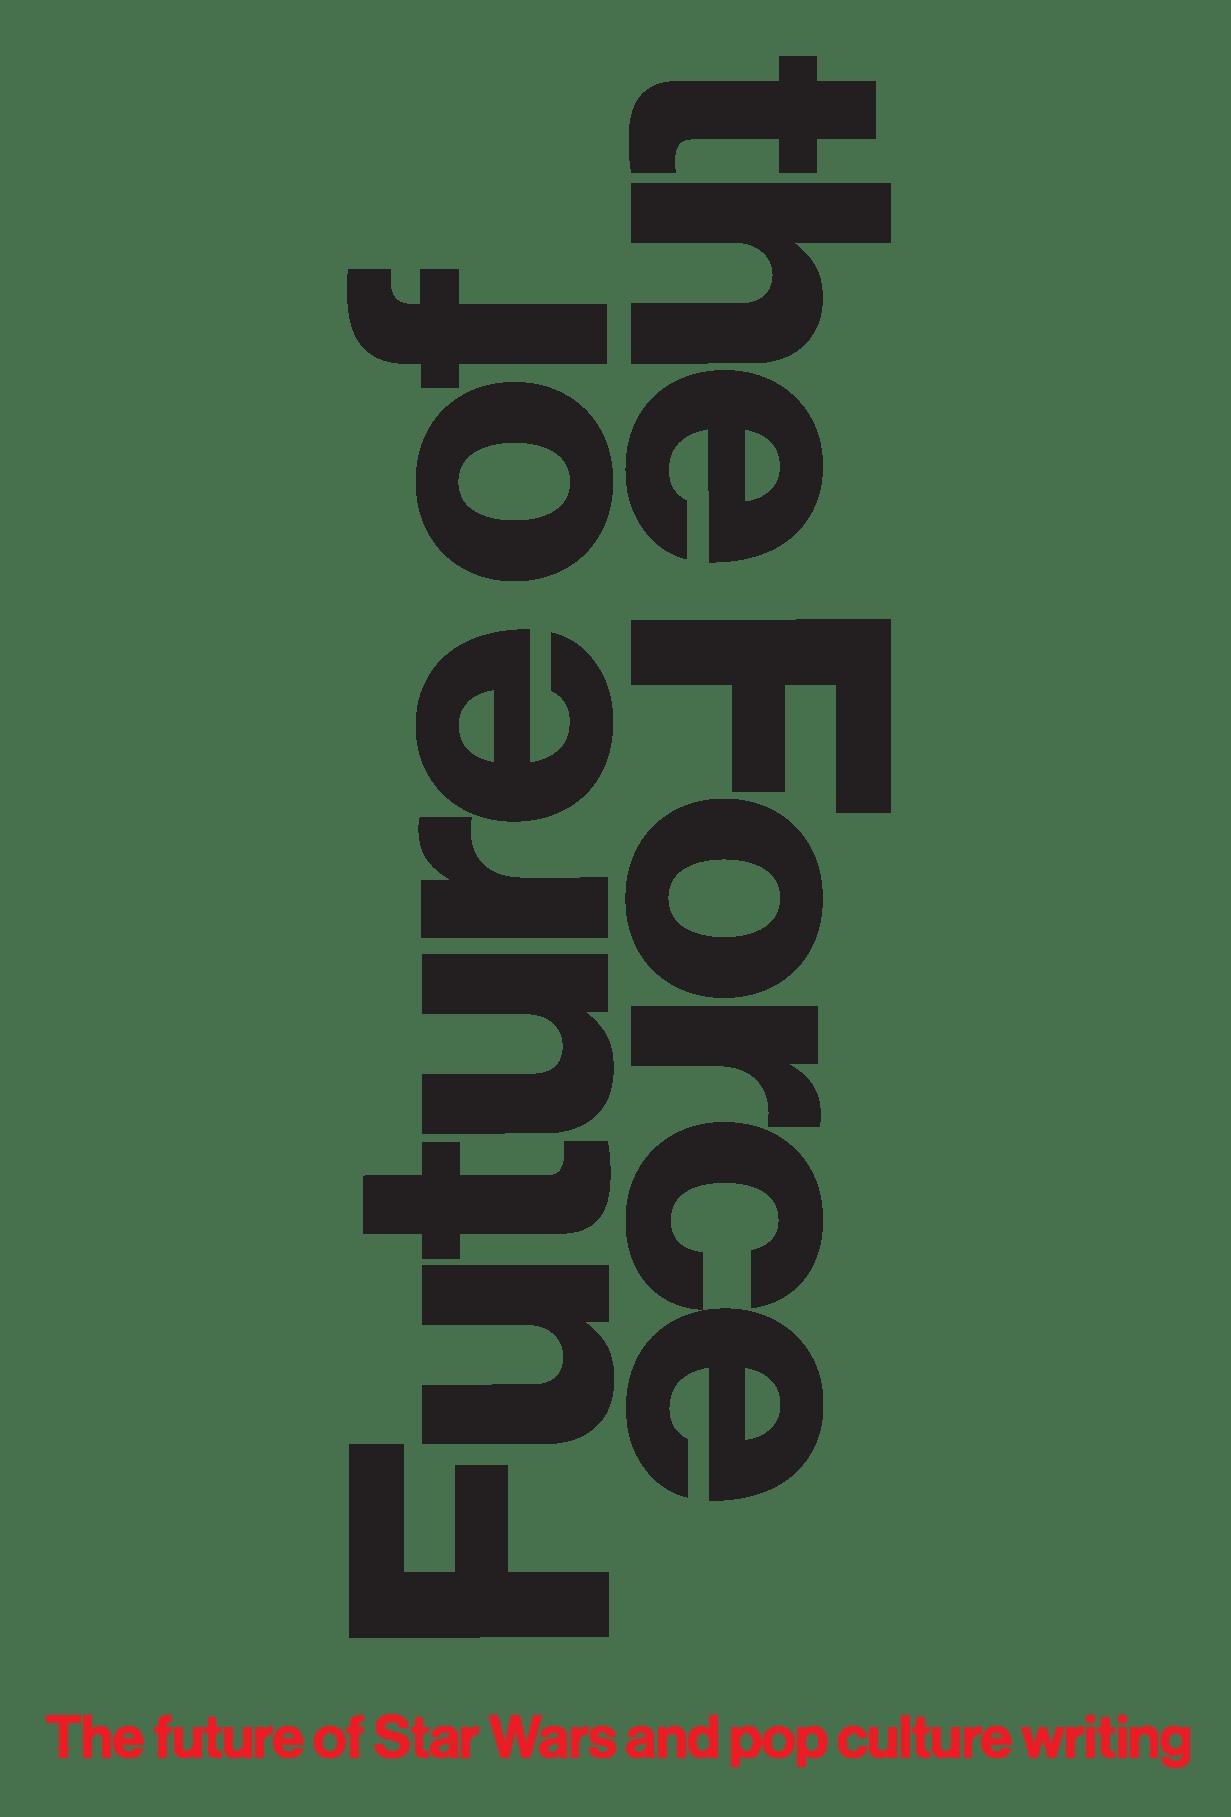 FOTF_Hitchcock_Truffaut